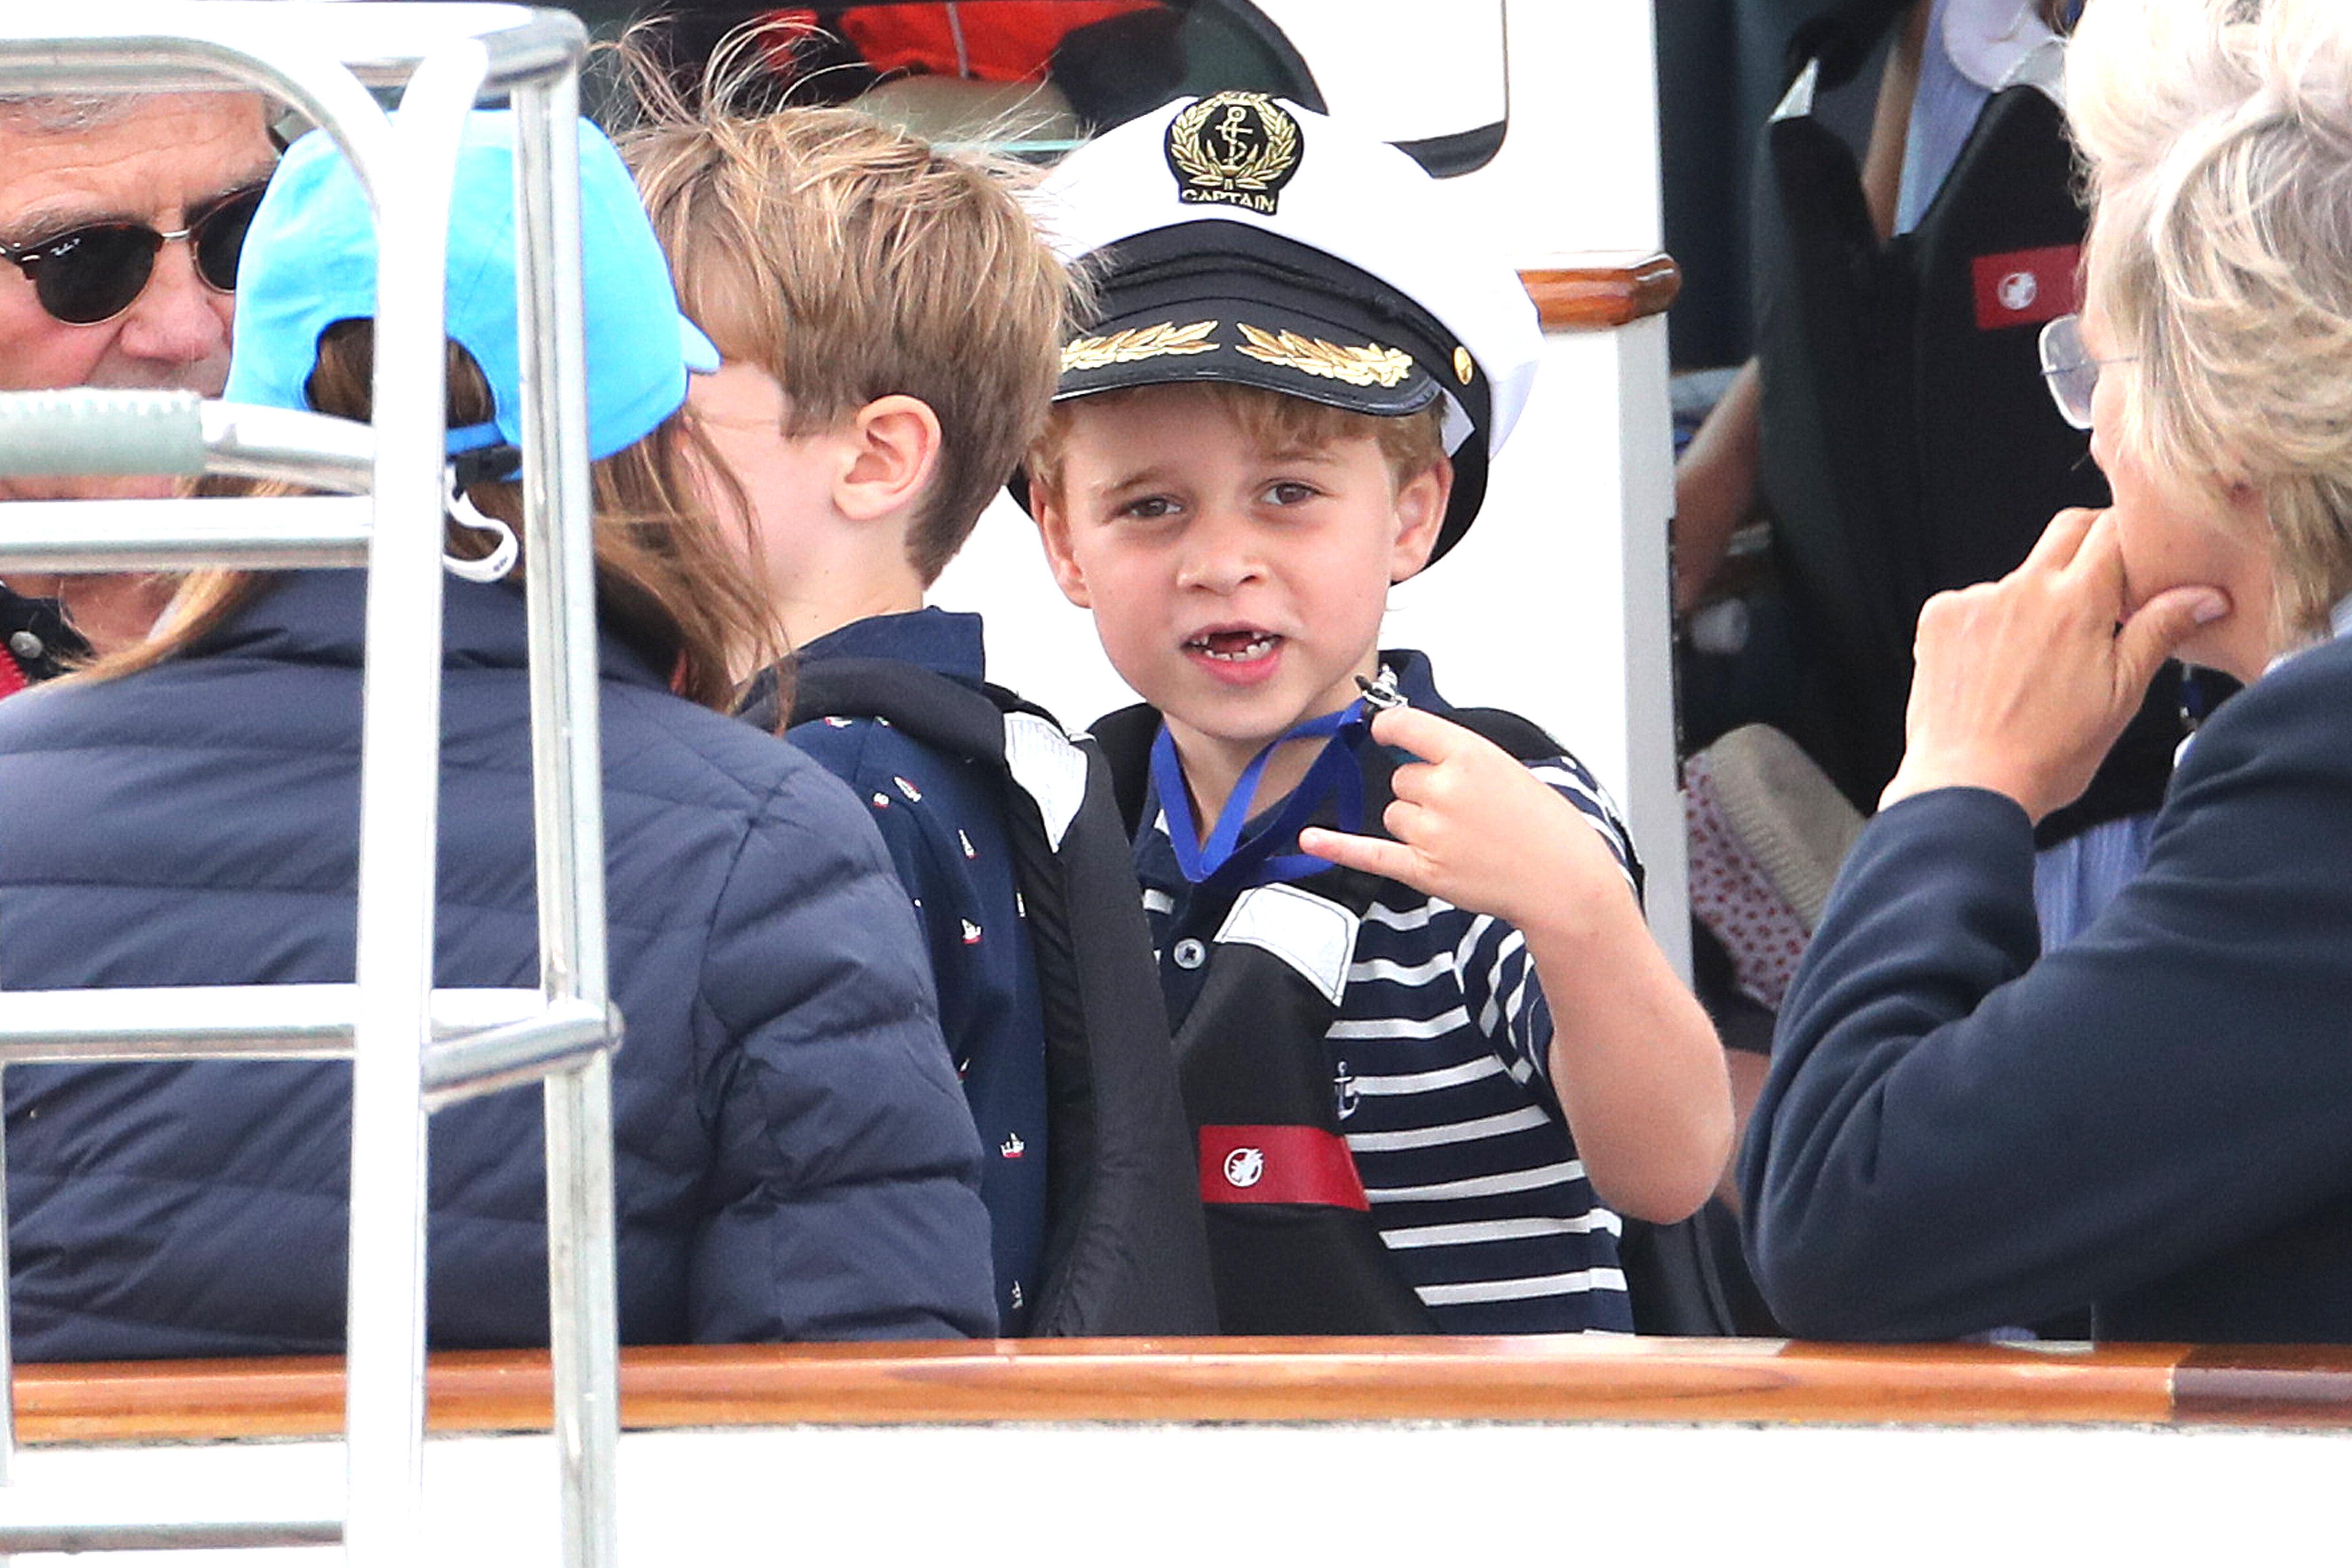 Prince George also had fun.